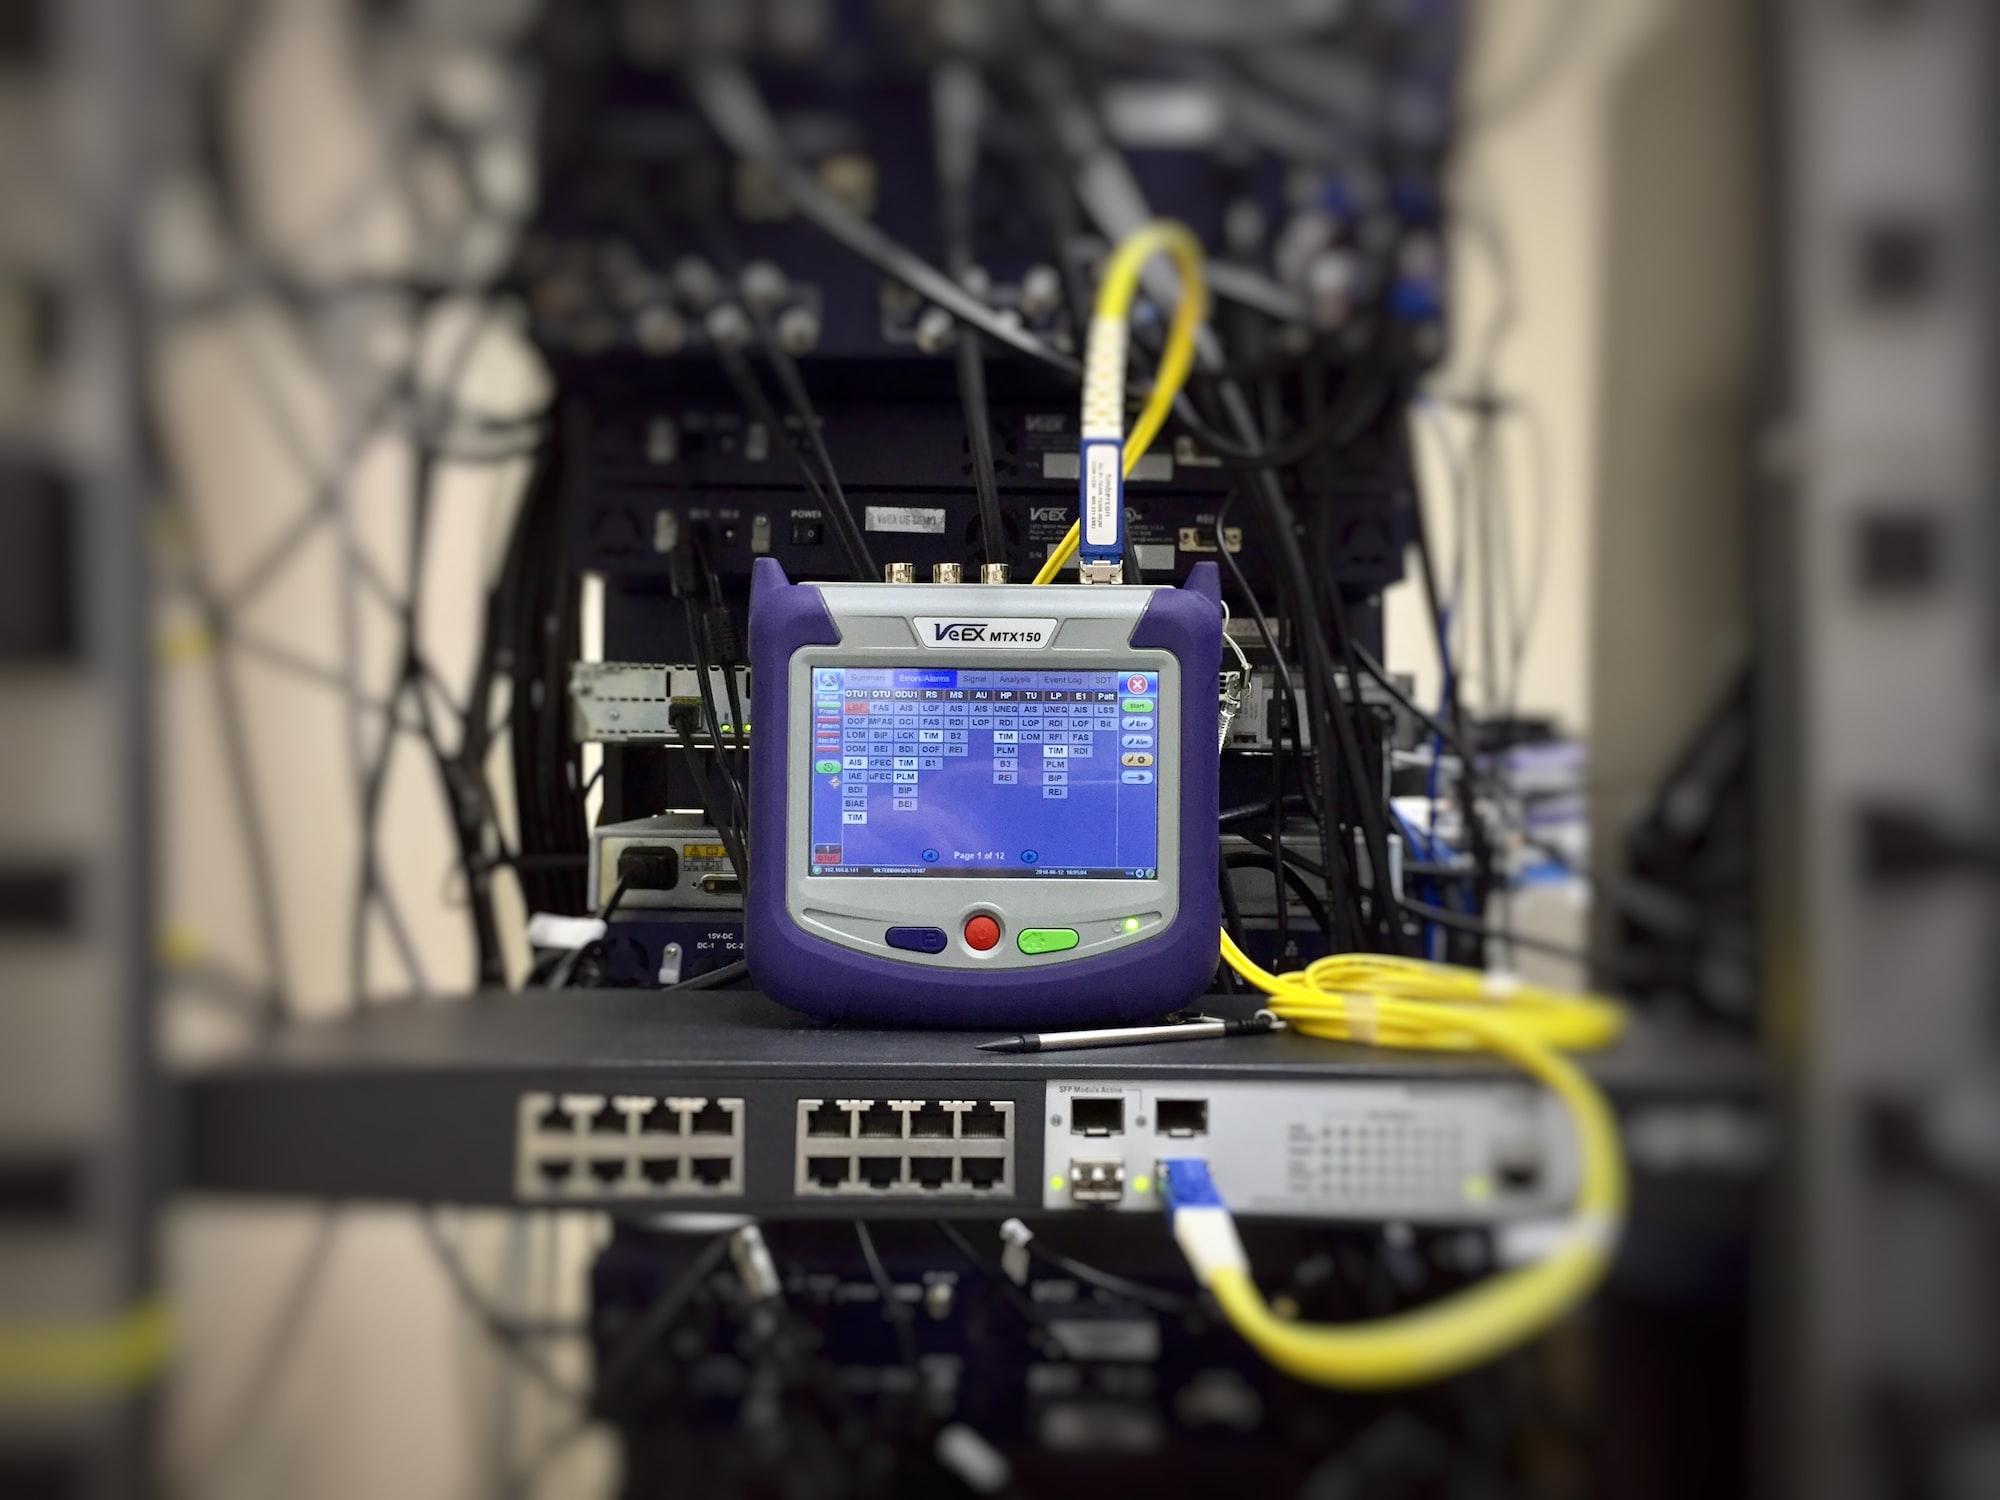 Consumo de ancho de banda de EIGRP